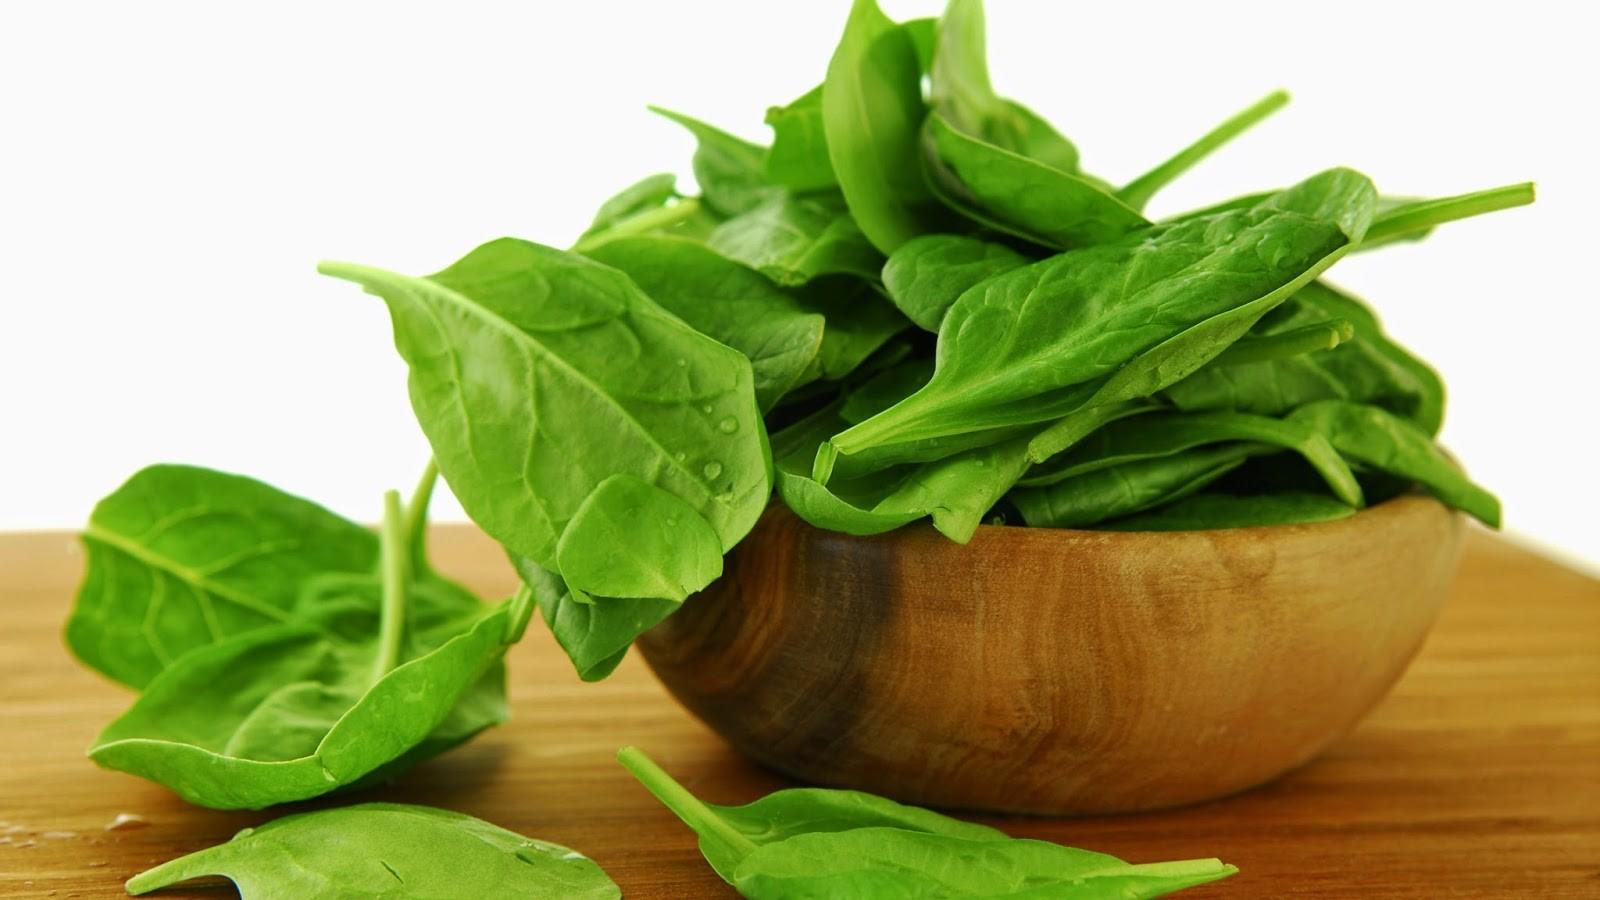 47 Khasiat dan Manfaat Sayur Bayam Yang Sangat Dibutuhkan